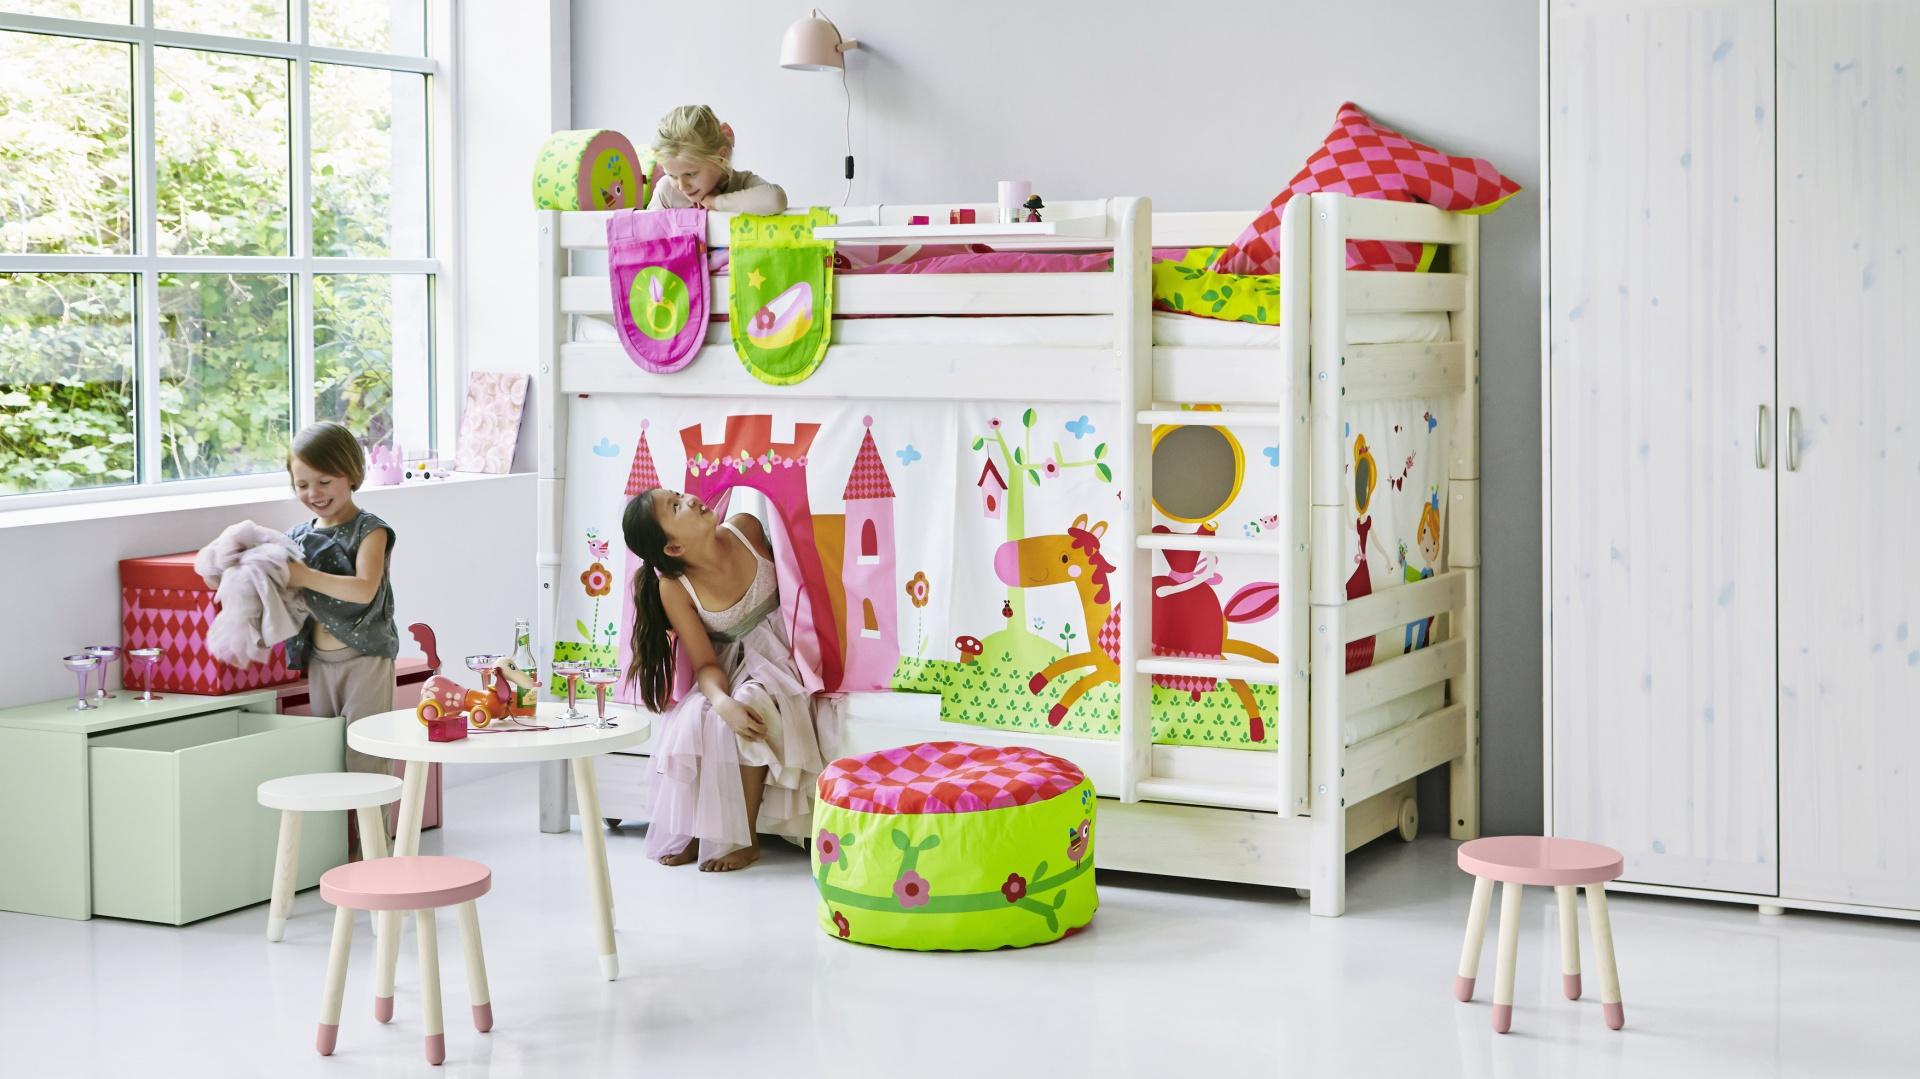 Piętrowe łóżko CLASSIC zamieni się w zamek królewny, dzięki specjalnym zasłonkom z aplikacjami. Pod łóżkiem można wstawić szuflady na pościel lub trzecie łóżko wysuwane. 3.179,85 zł. Fot. Flexa